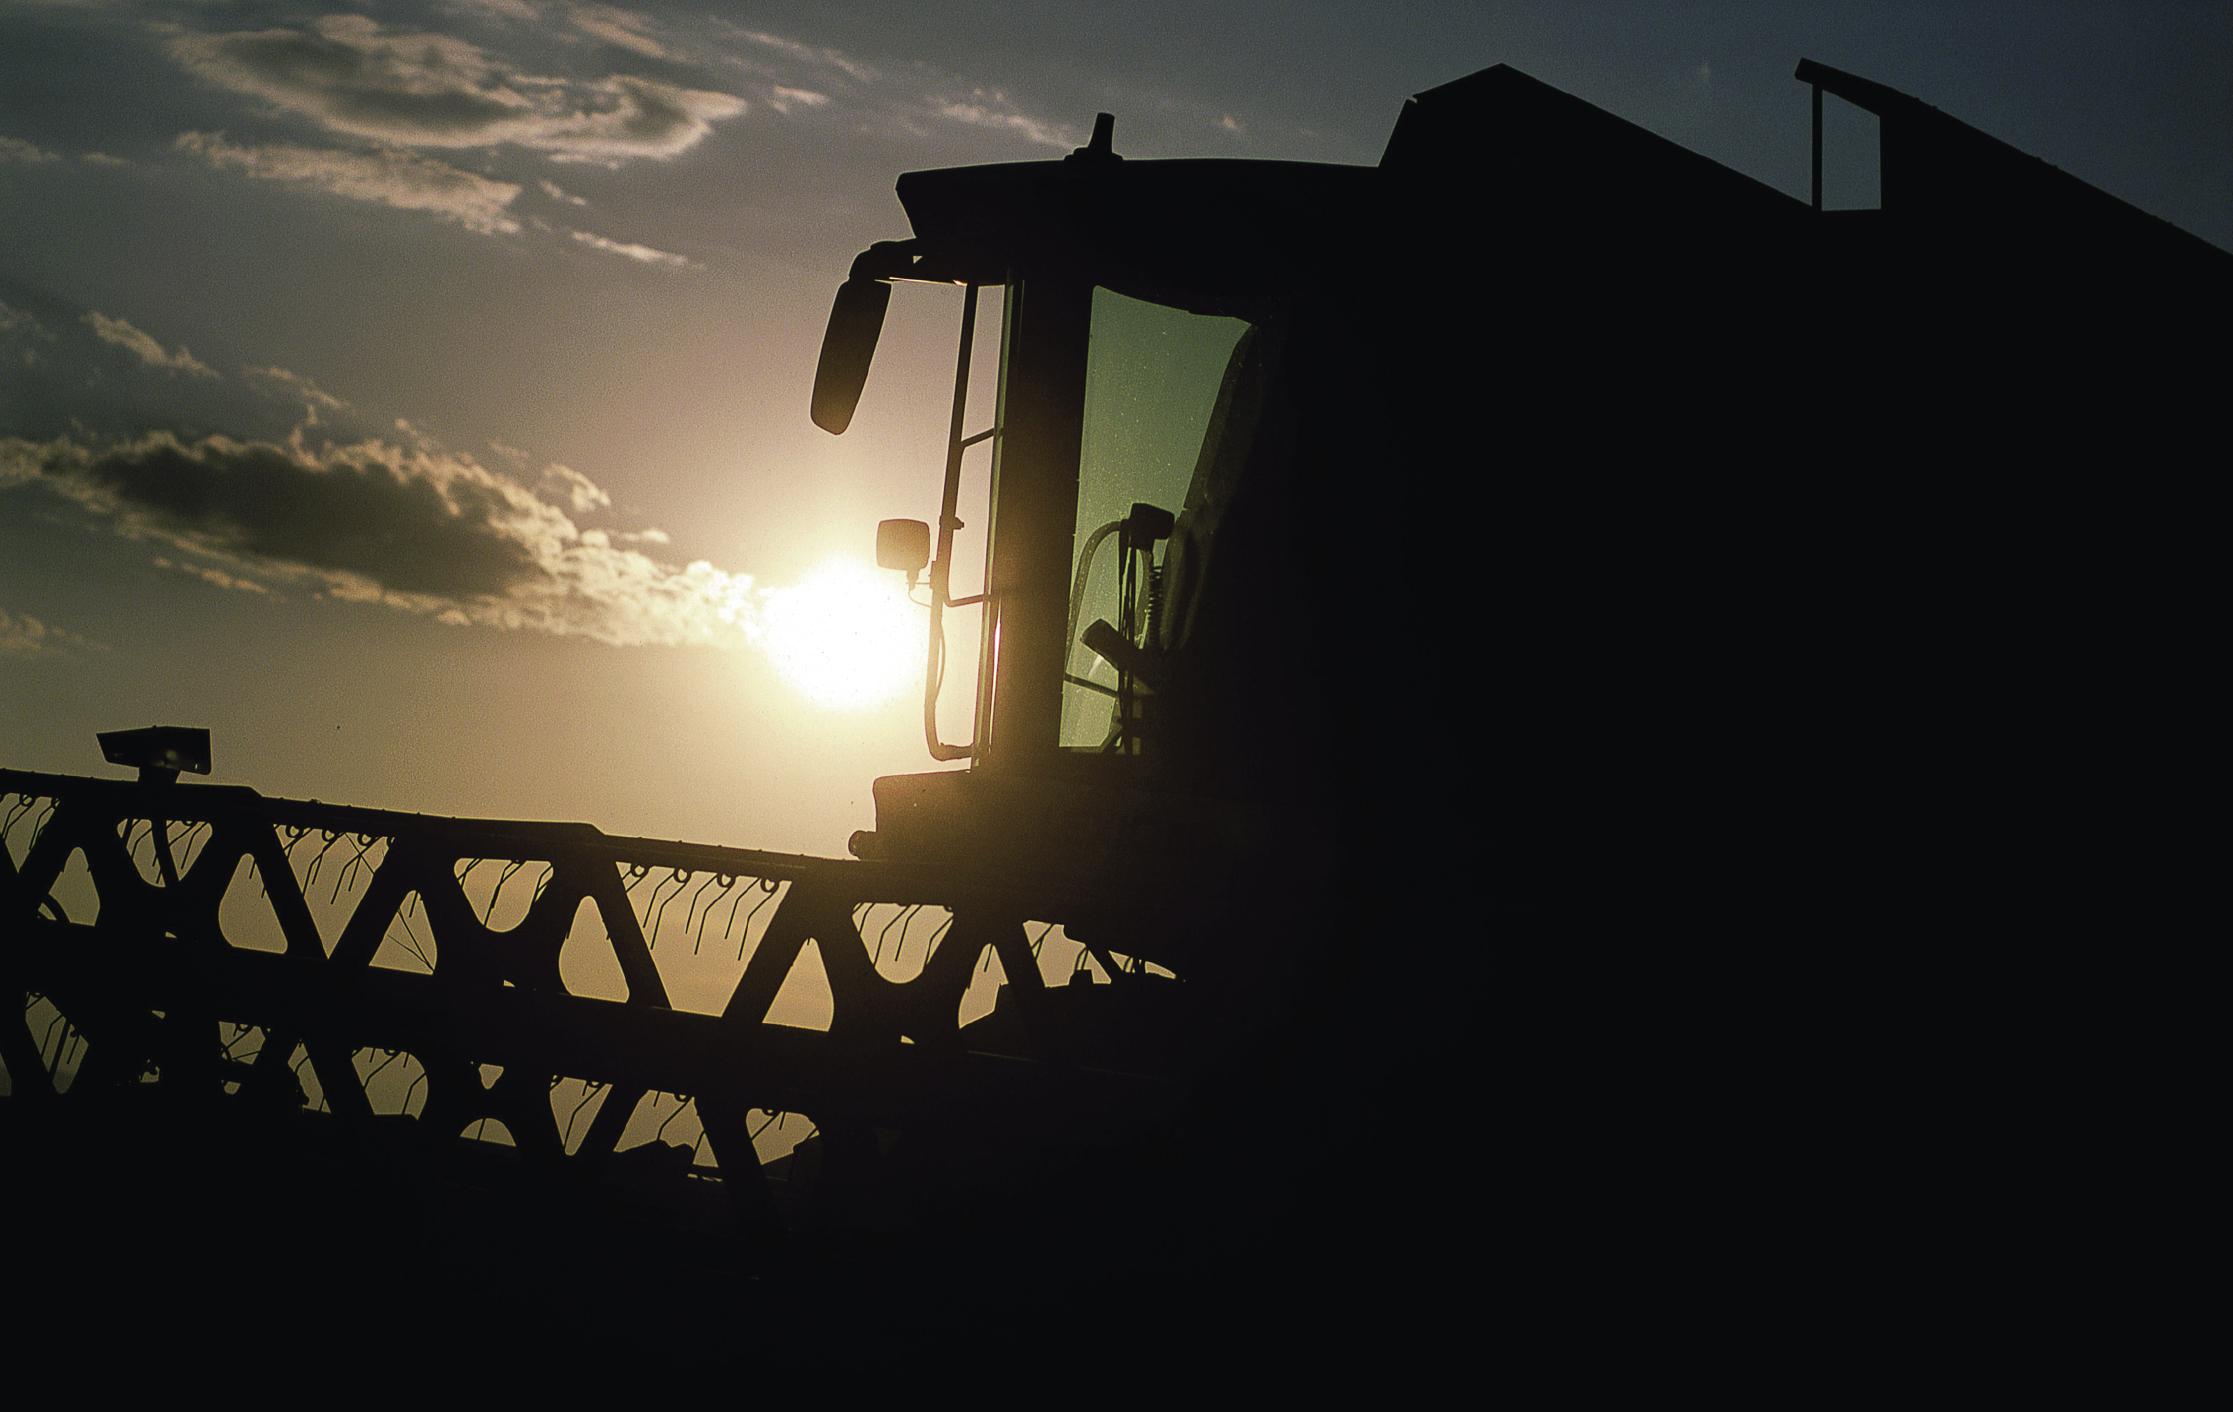 Neben dem erhöhten Ertrag und der gleichmäßigeren Erntegeschwindigkeit werden auch Rückstände des Erntegutes auf dem Feld nahezu vermieden.